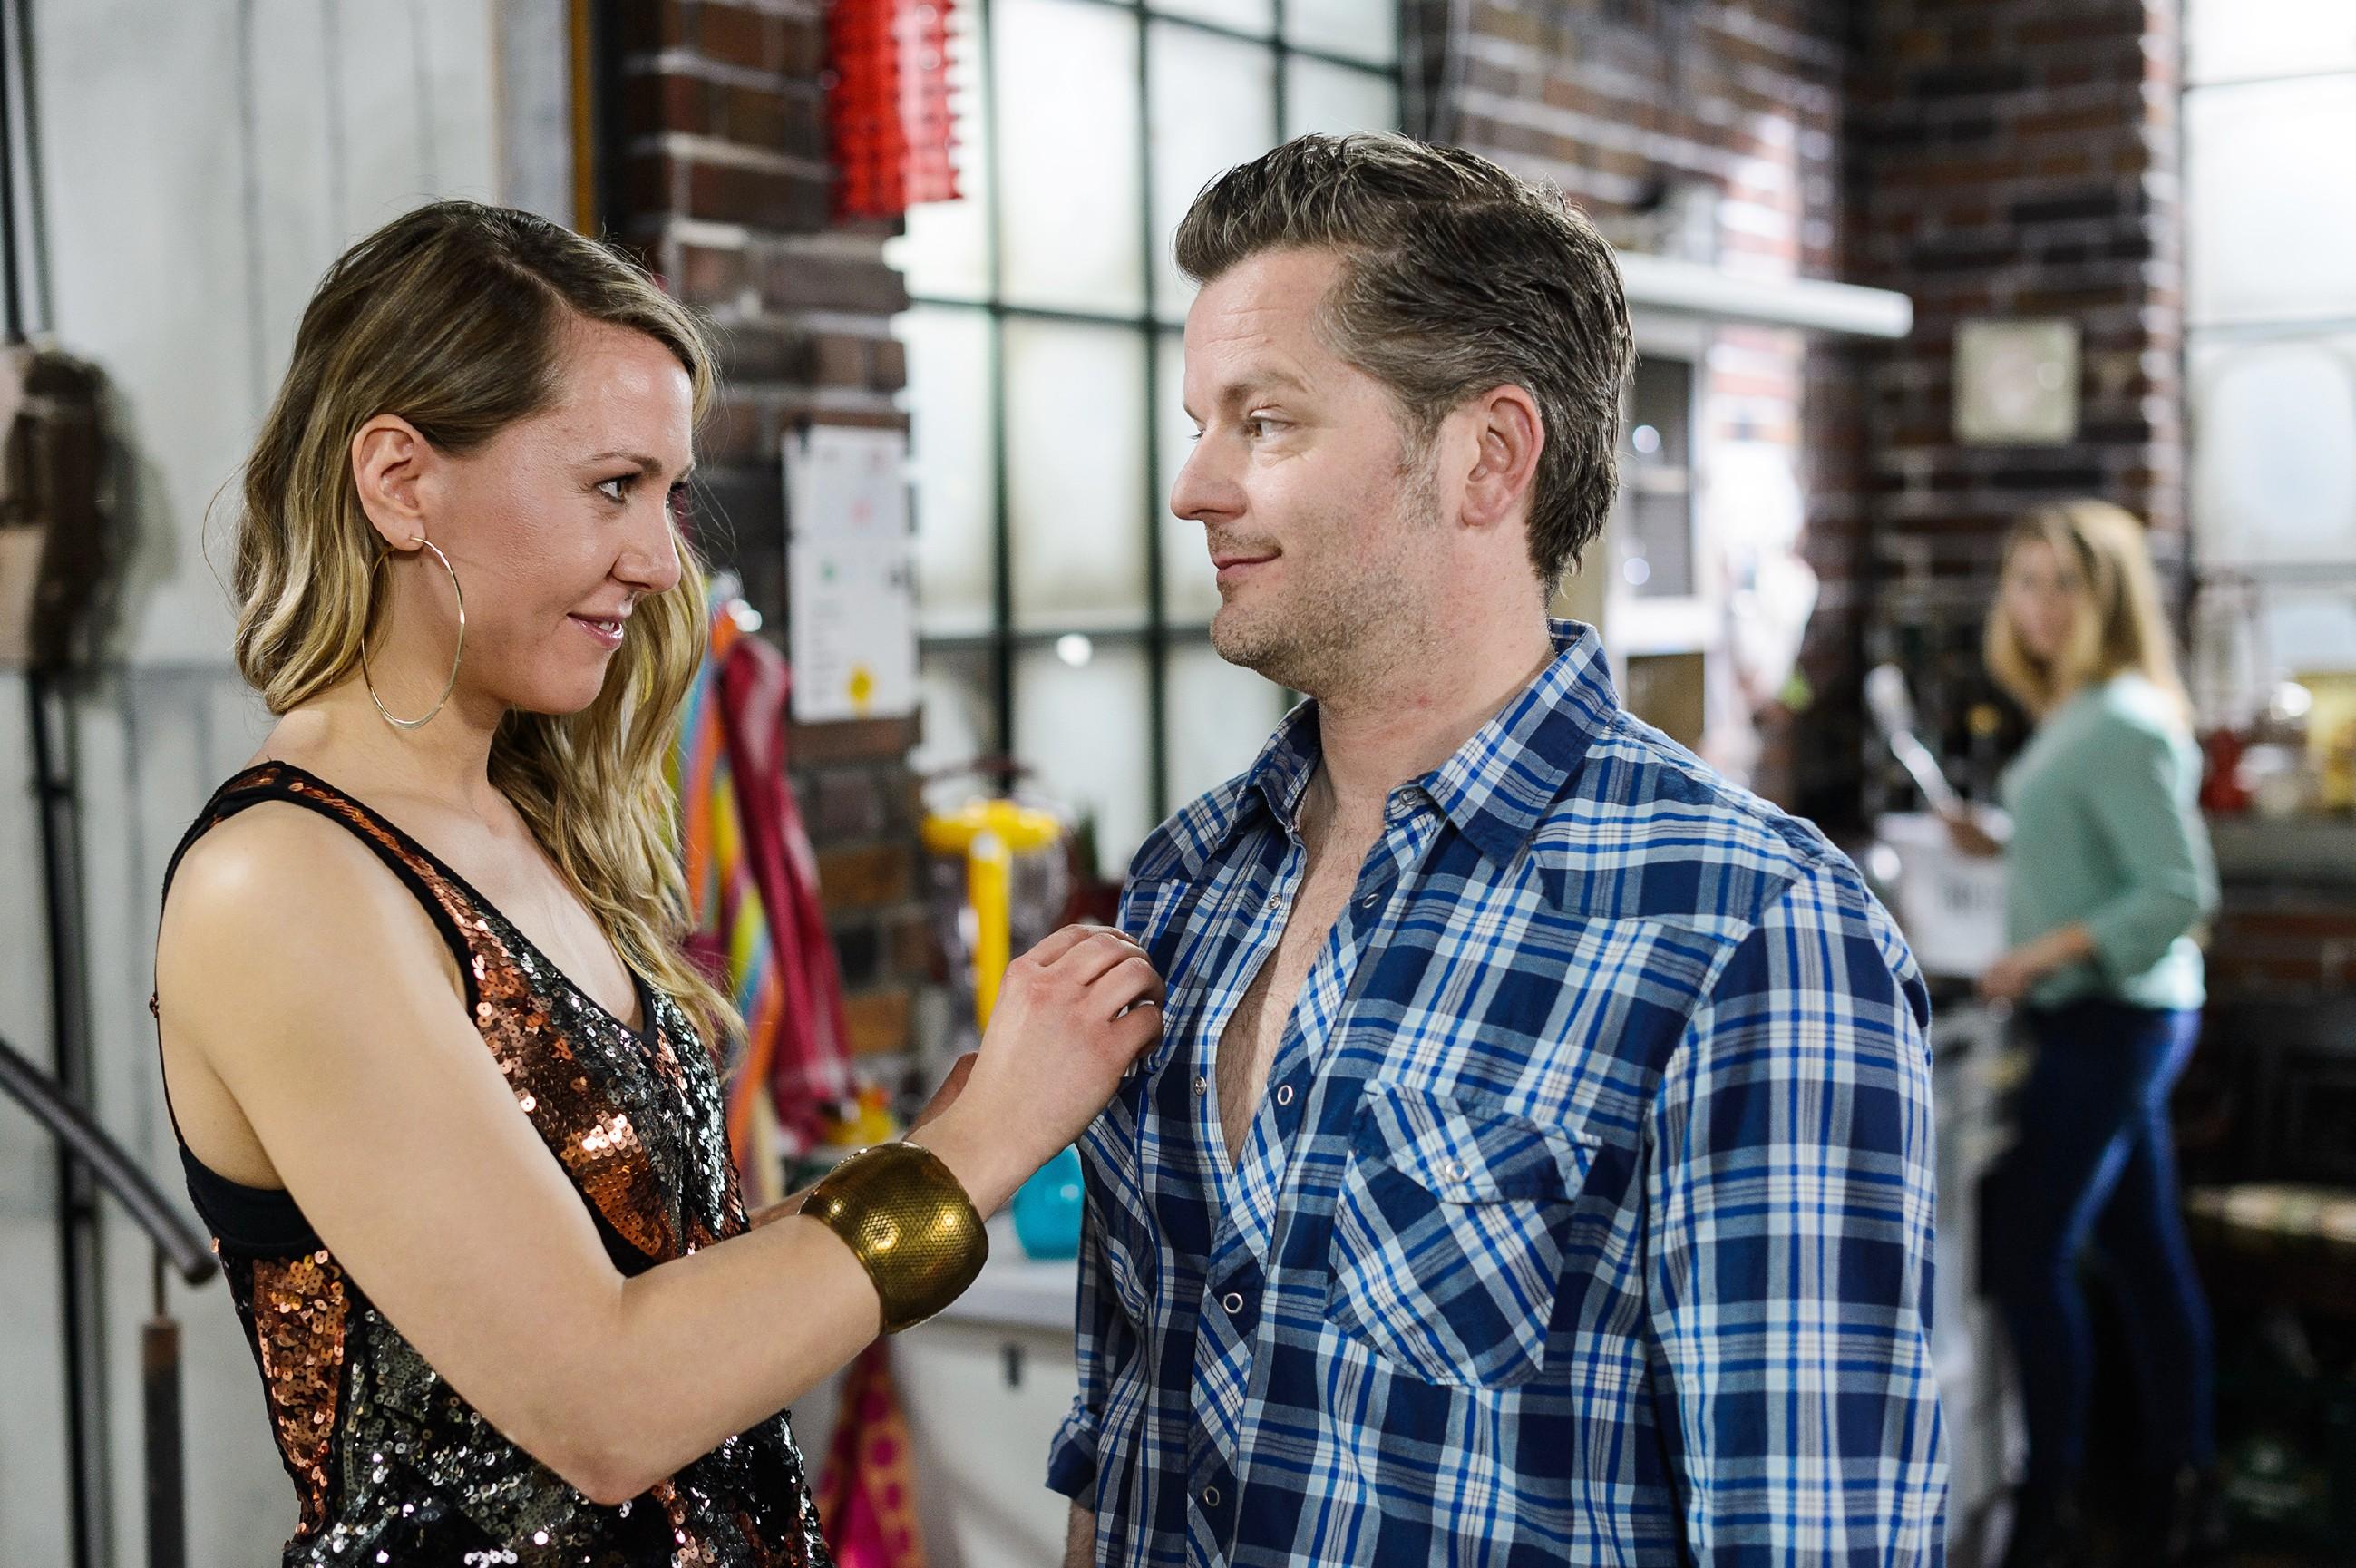 Diana (Tanja Szewczenko, r.) ist tief getroffen, als sie erkennt, dass Ingo (André Dietz) die Nacht mit Carla (Christine Smuda) verbracht hat. (Quelle: RTL / Willi Weber)